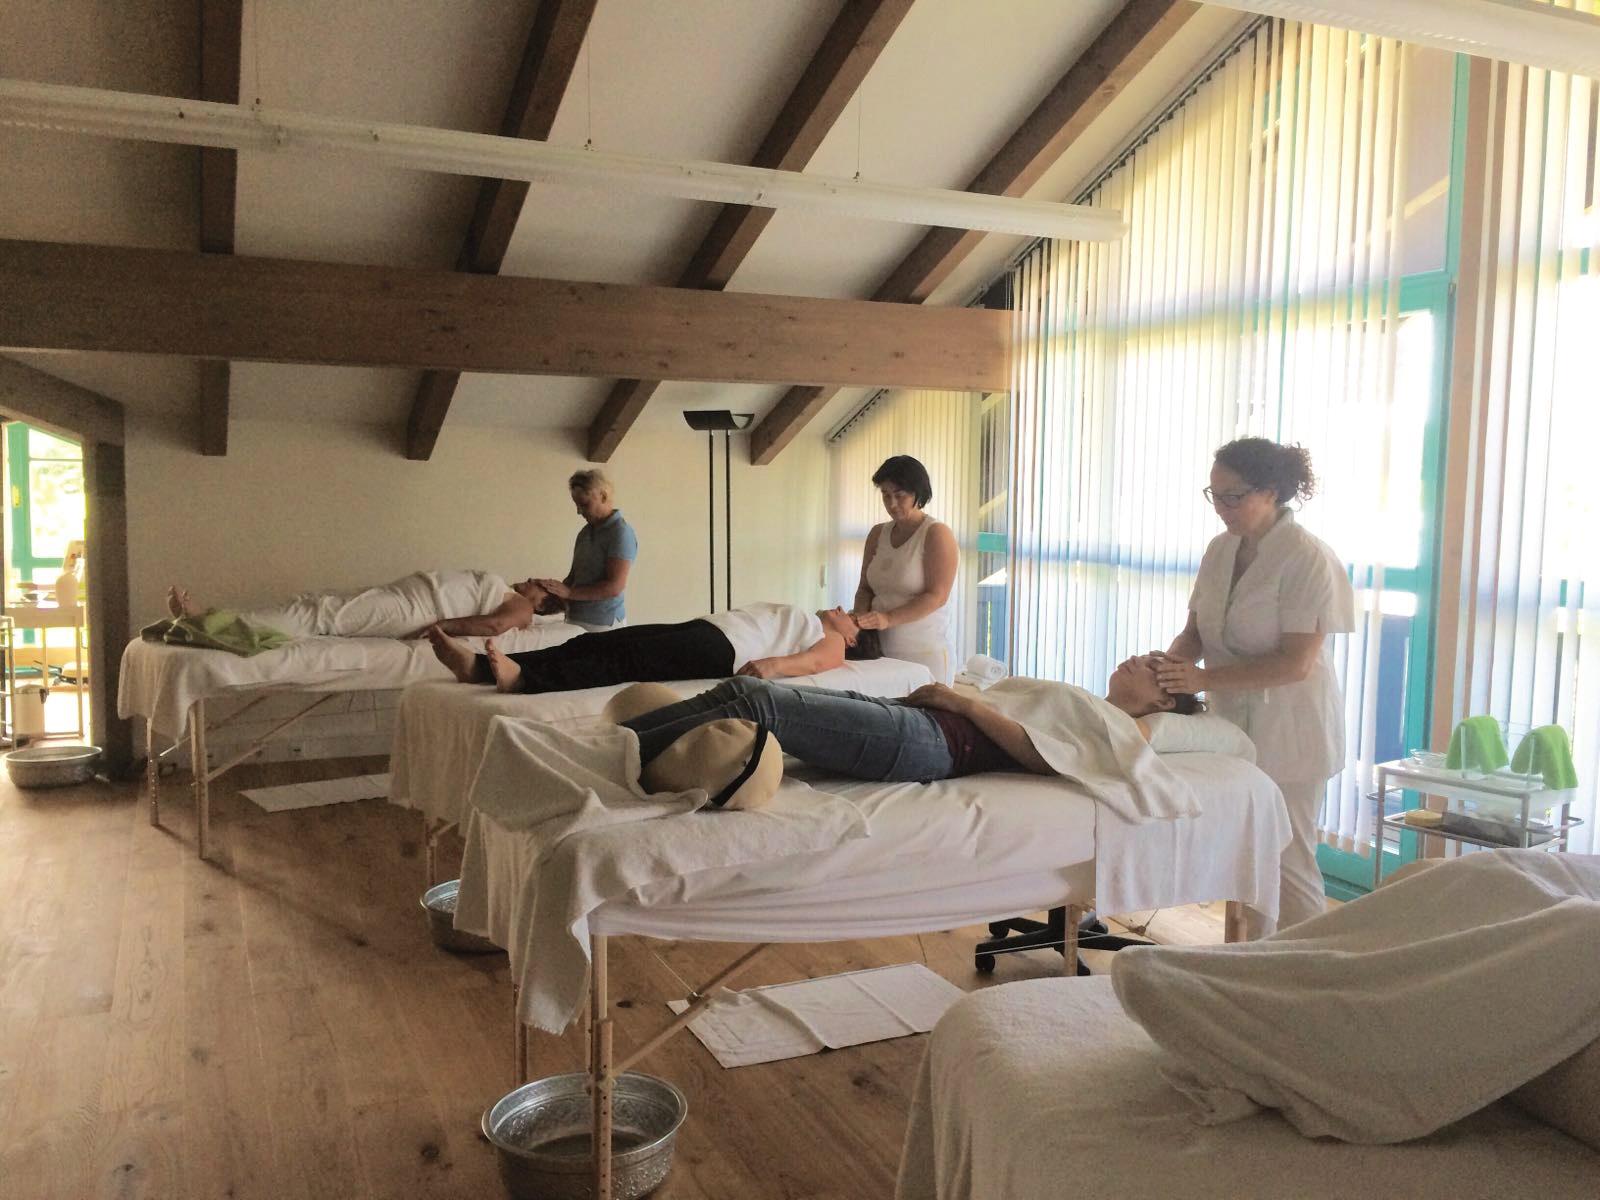 Schulung in Bernried wird durchgeführt